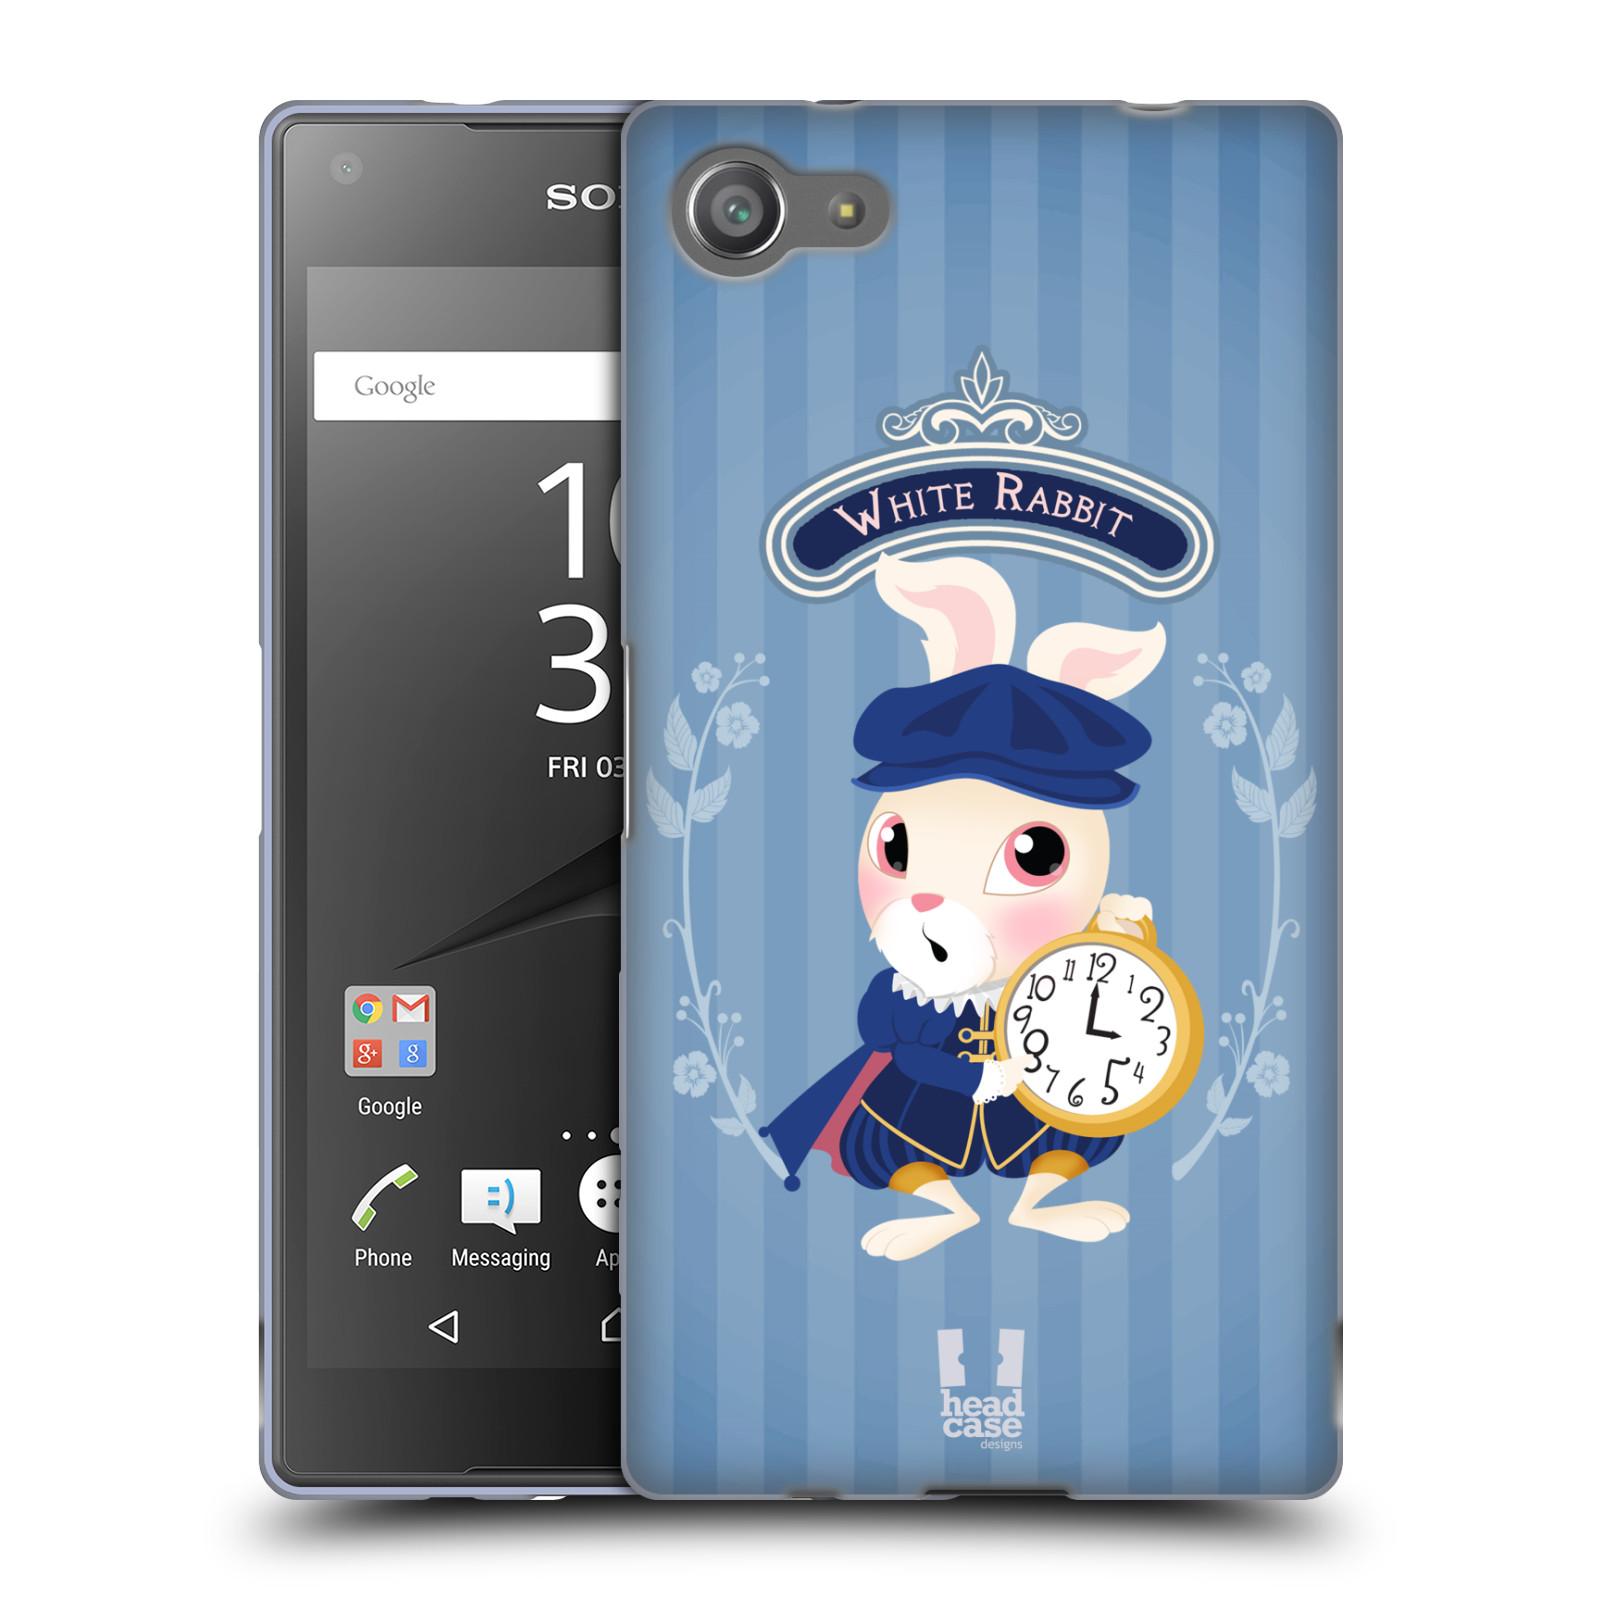 HEAD CASE silikonový obal na mobil Sony Xperia Z5 COMPACT vzor Alenka v říši divů králíček